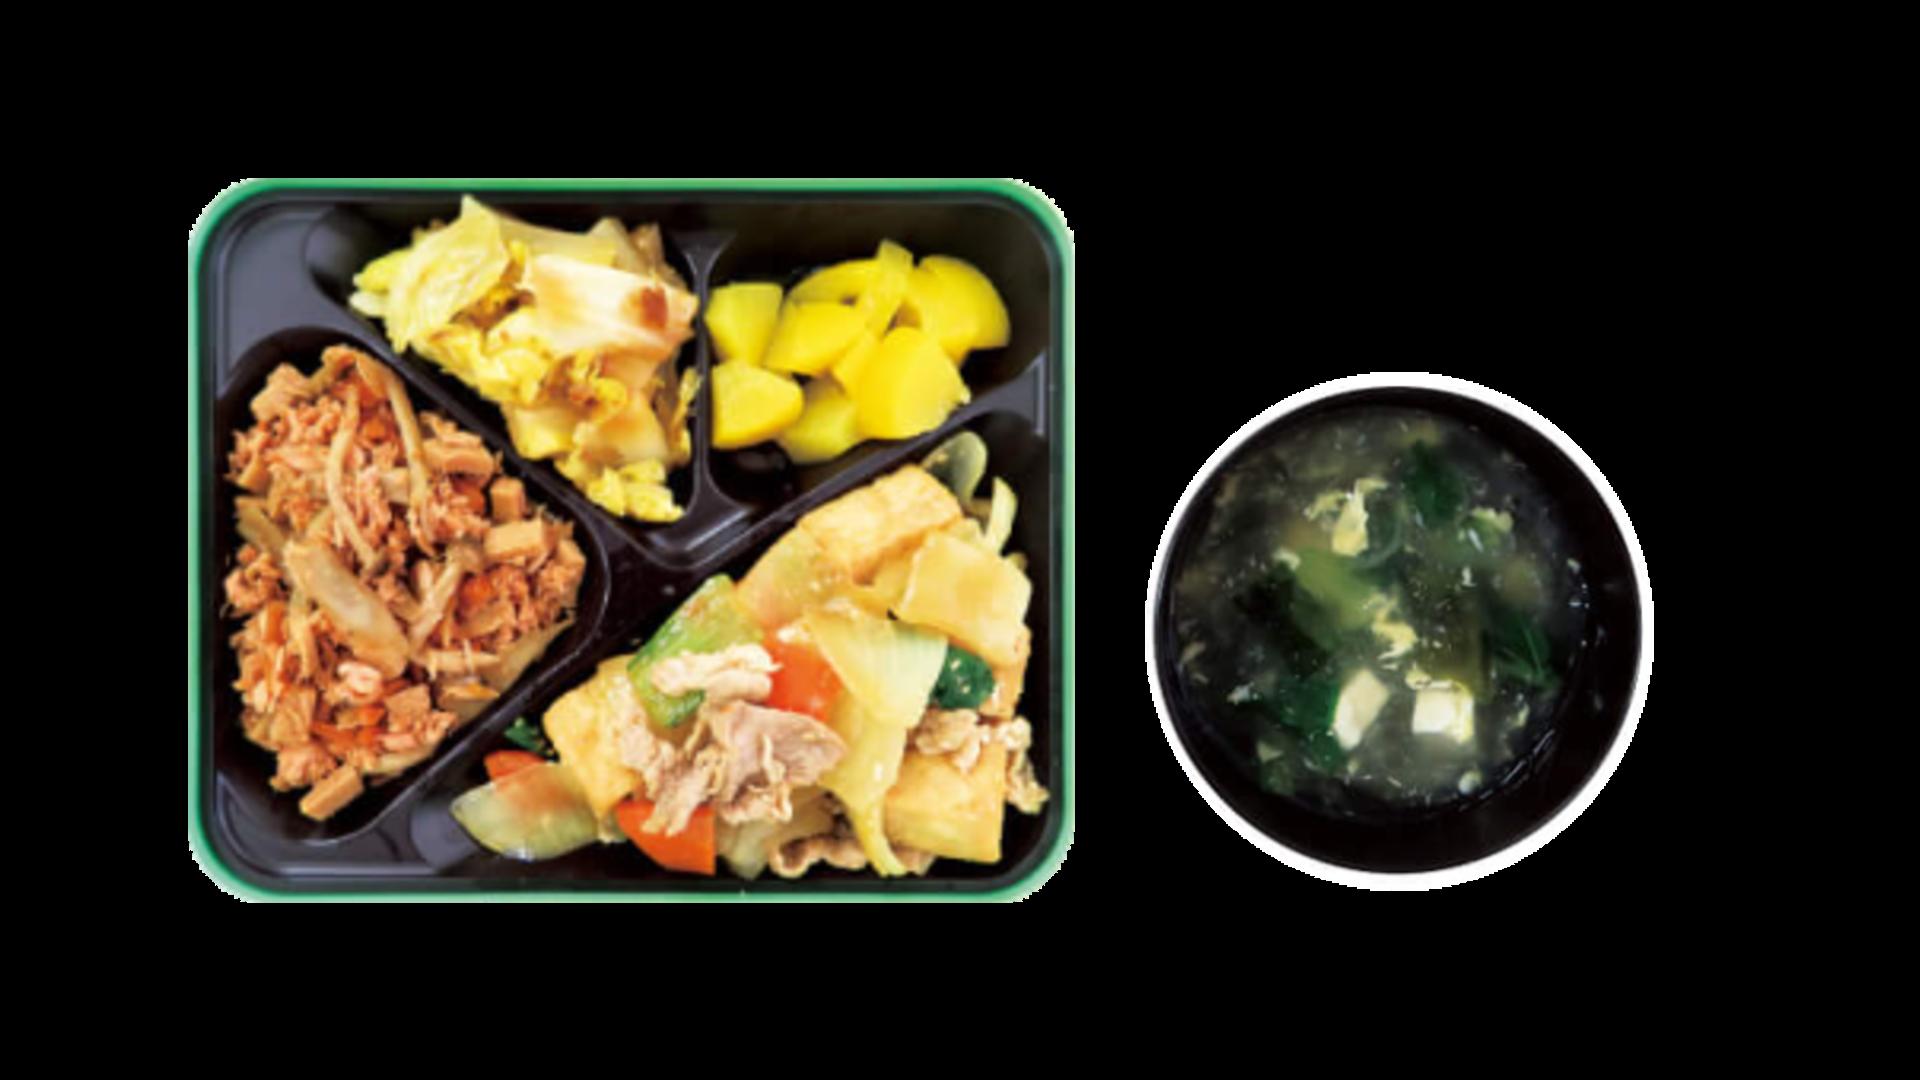 フェリス女学院大学の学生が開発に携わった給食メニュー「百人一首献立」が横浜市立中学校の配達弁当「ハマ弁」に登場